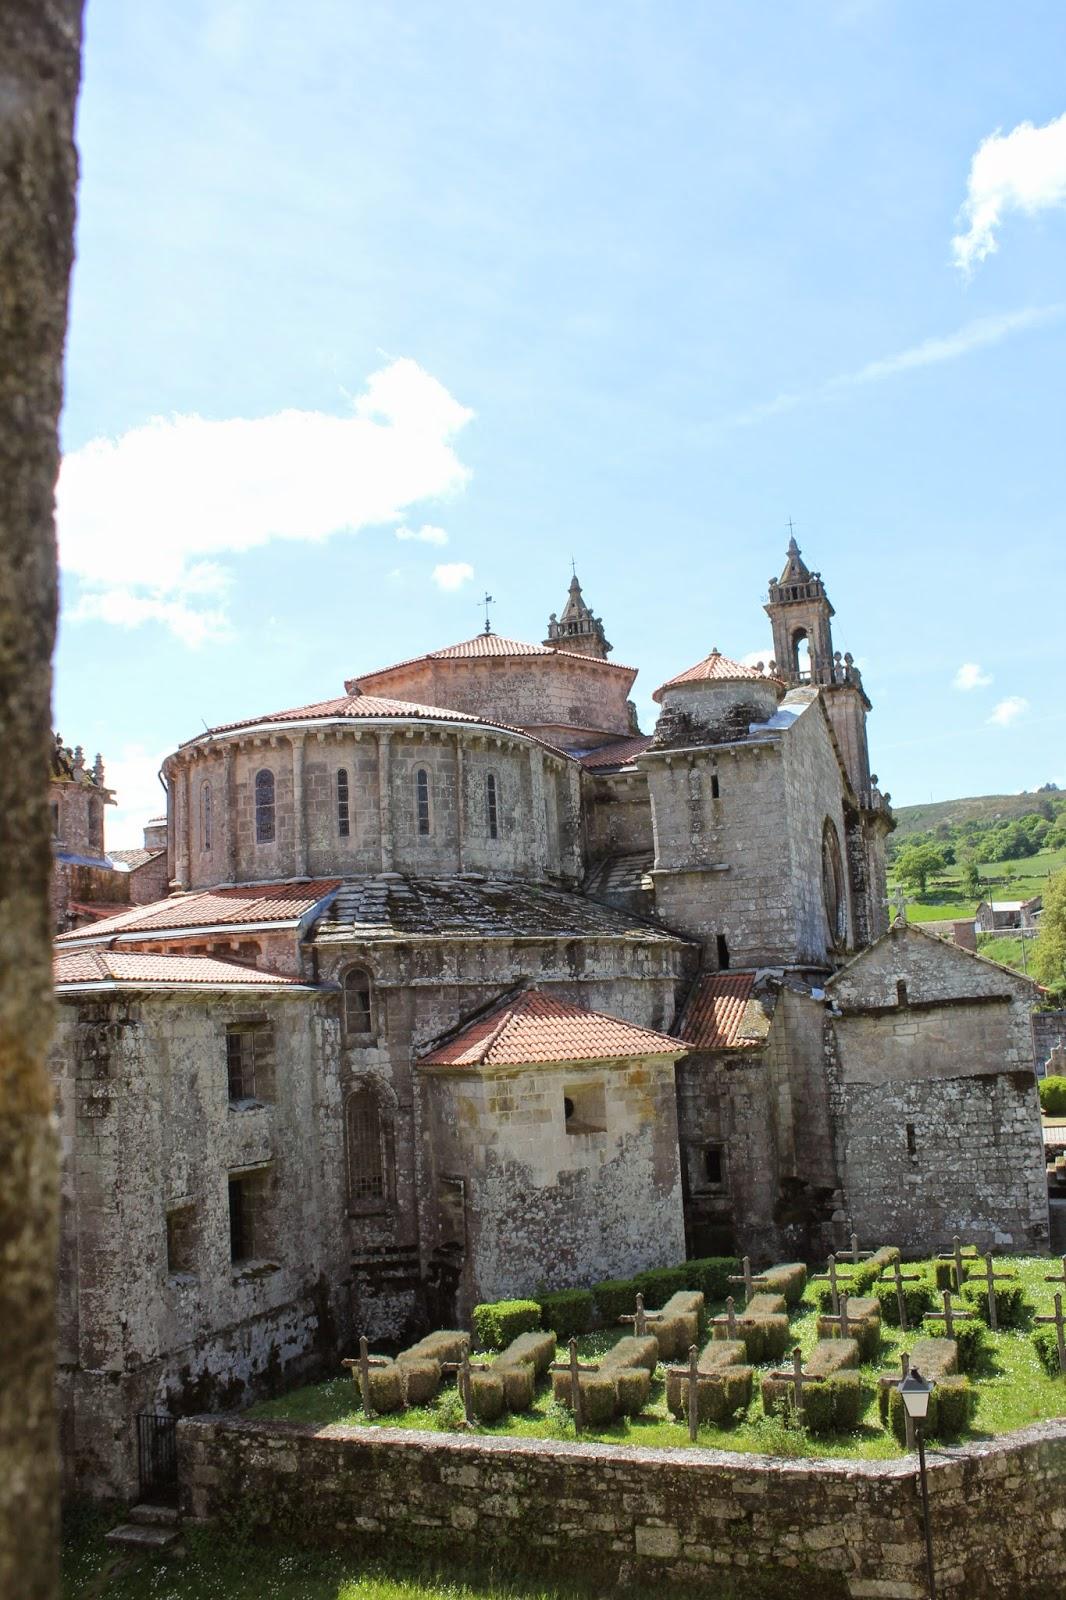 Maravillas Ocultas De Espaa Monasterio De OseiraOrense